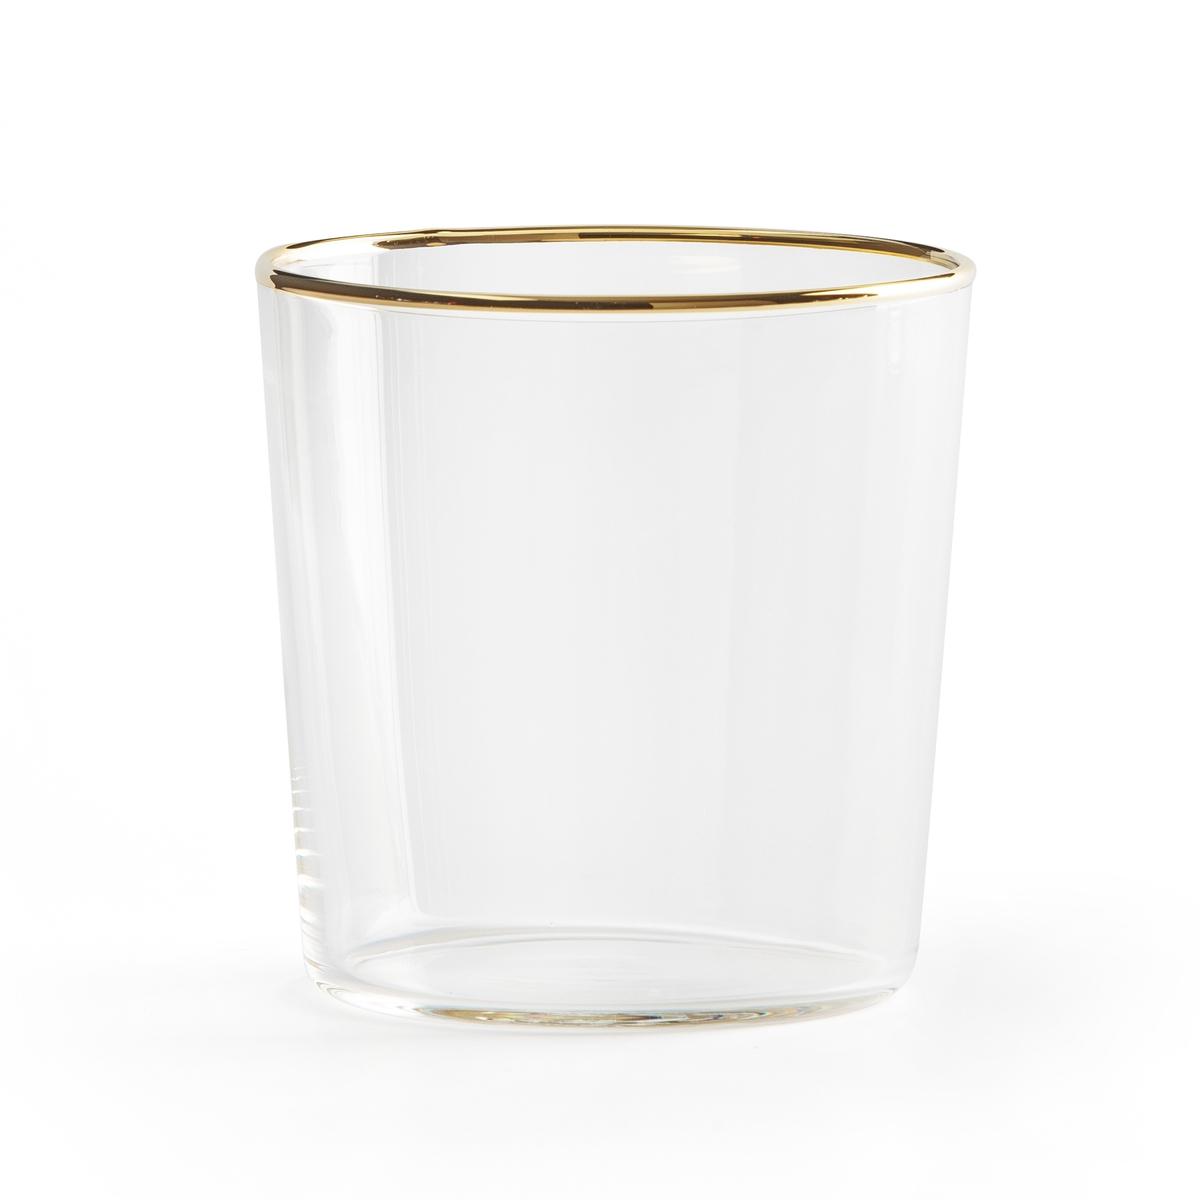 Комплект из стаканов для La Redoute Воды AMMANE единый размер другие комплект из 4 стаканов afroa la redoute la redoute единый размер другие